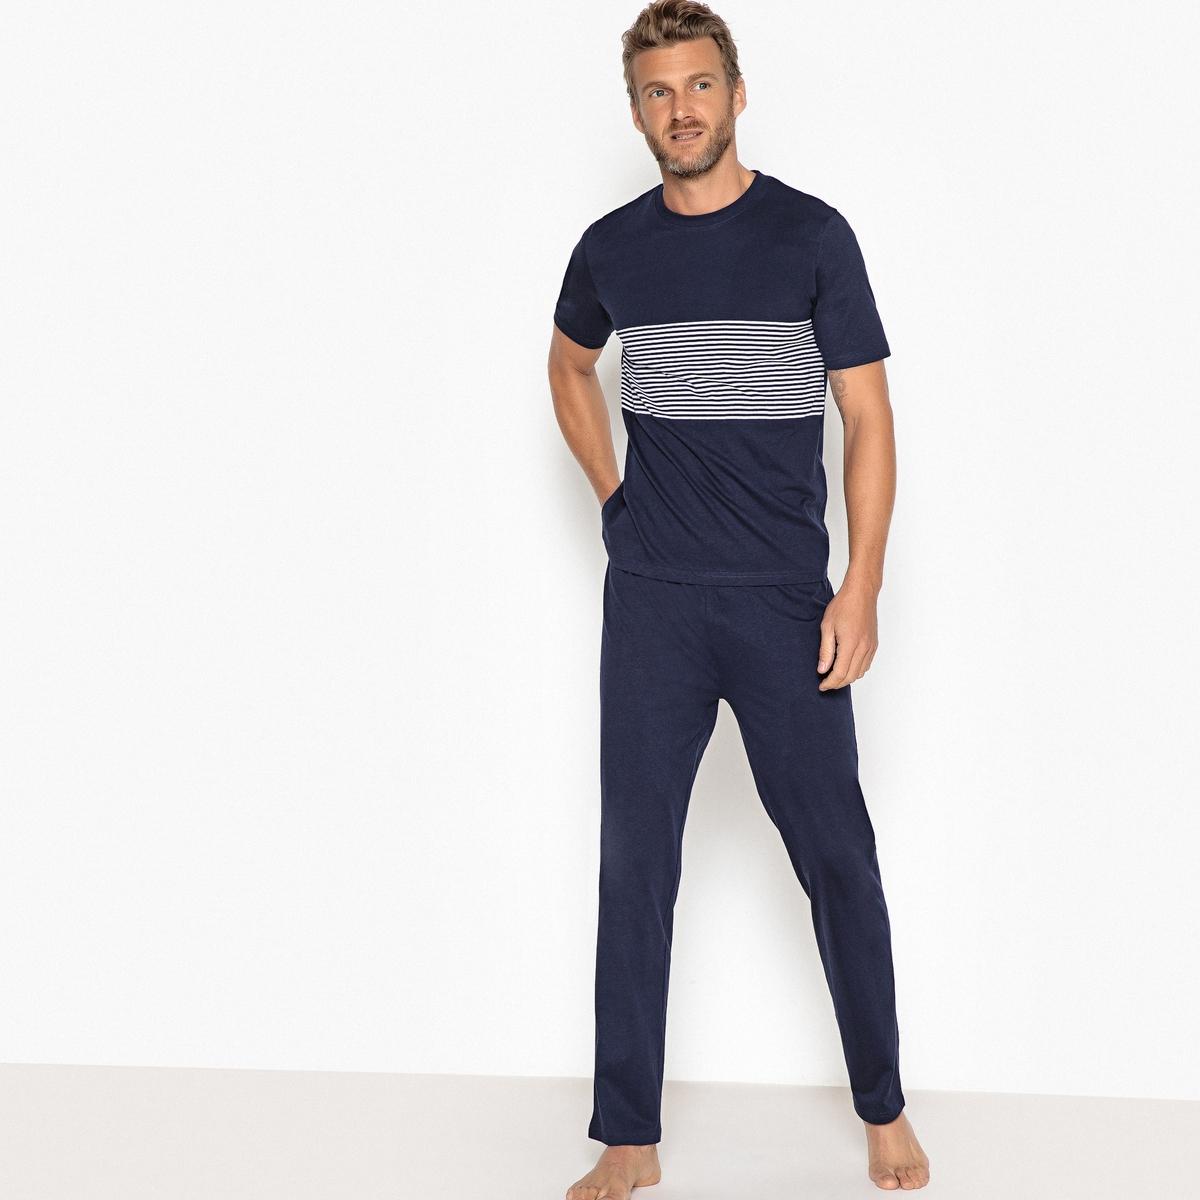 купить Пижама в полоску с короткими рукавами недорого